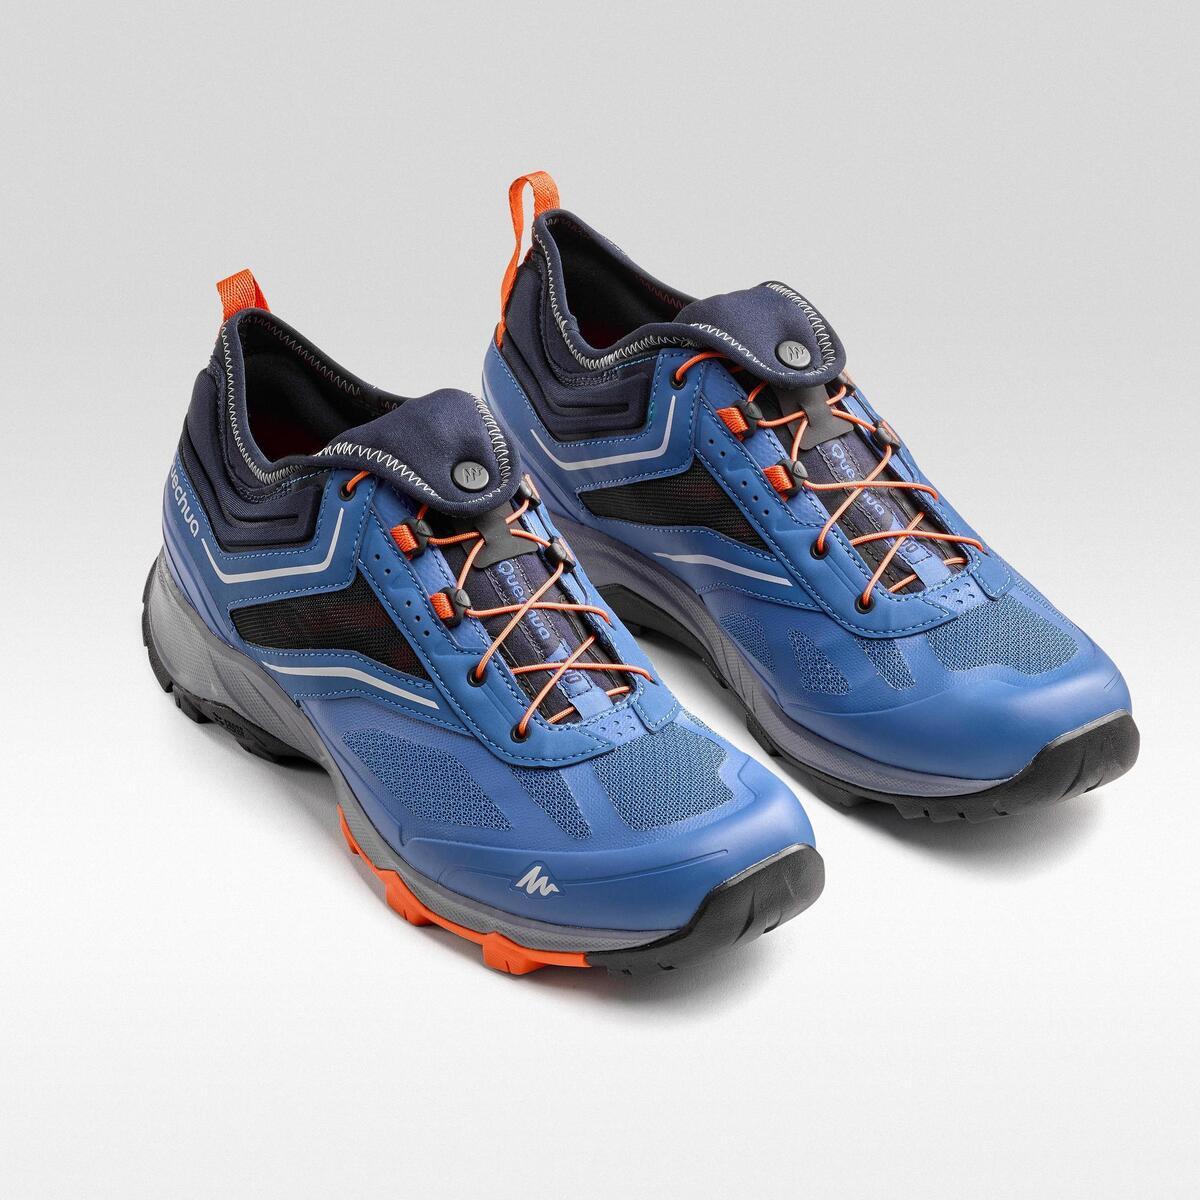 Bild 3 von Wanderschuhe Speed Hiking FH500 Helium Herren blau/orange